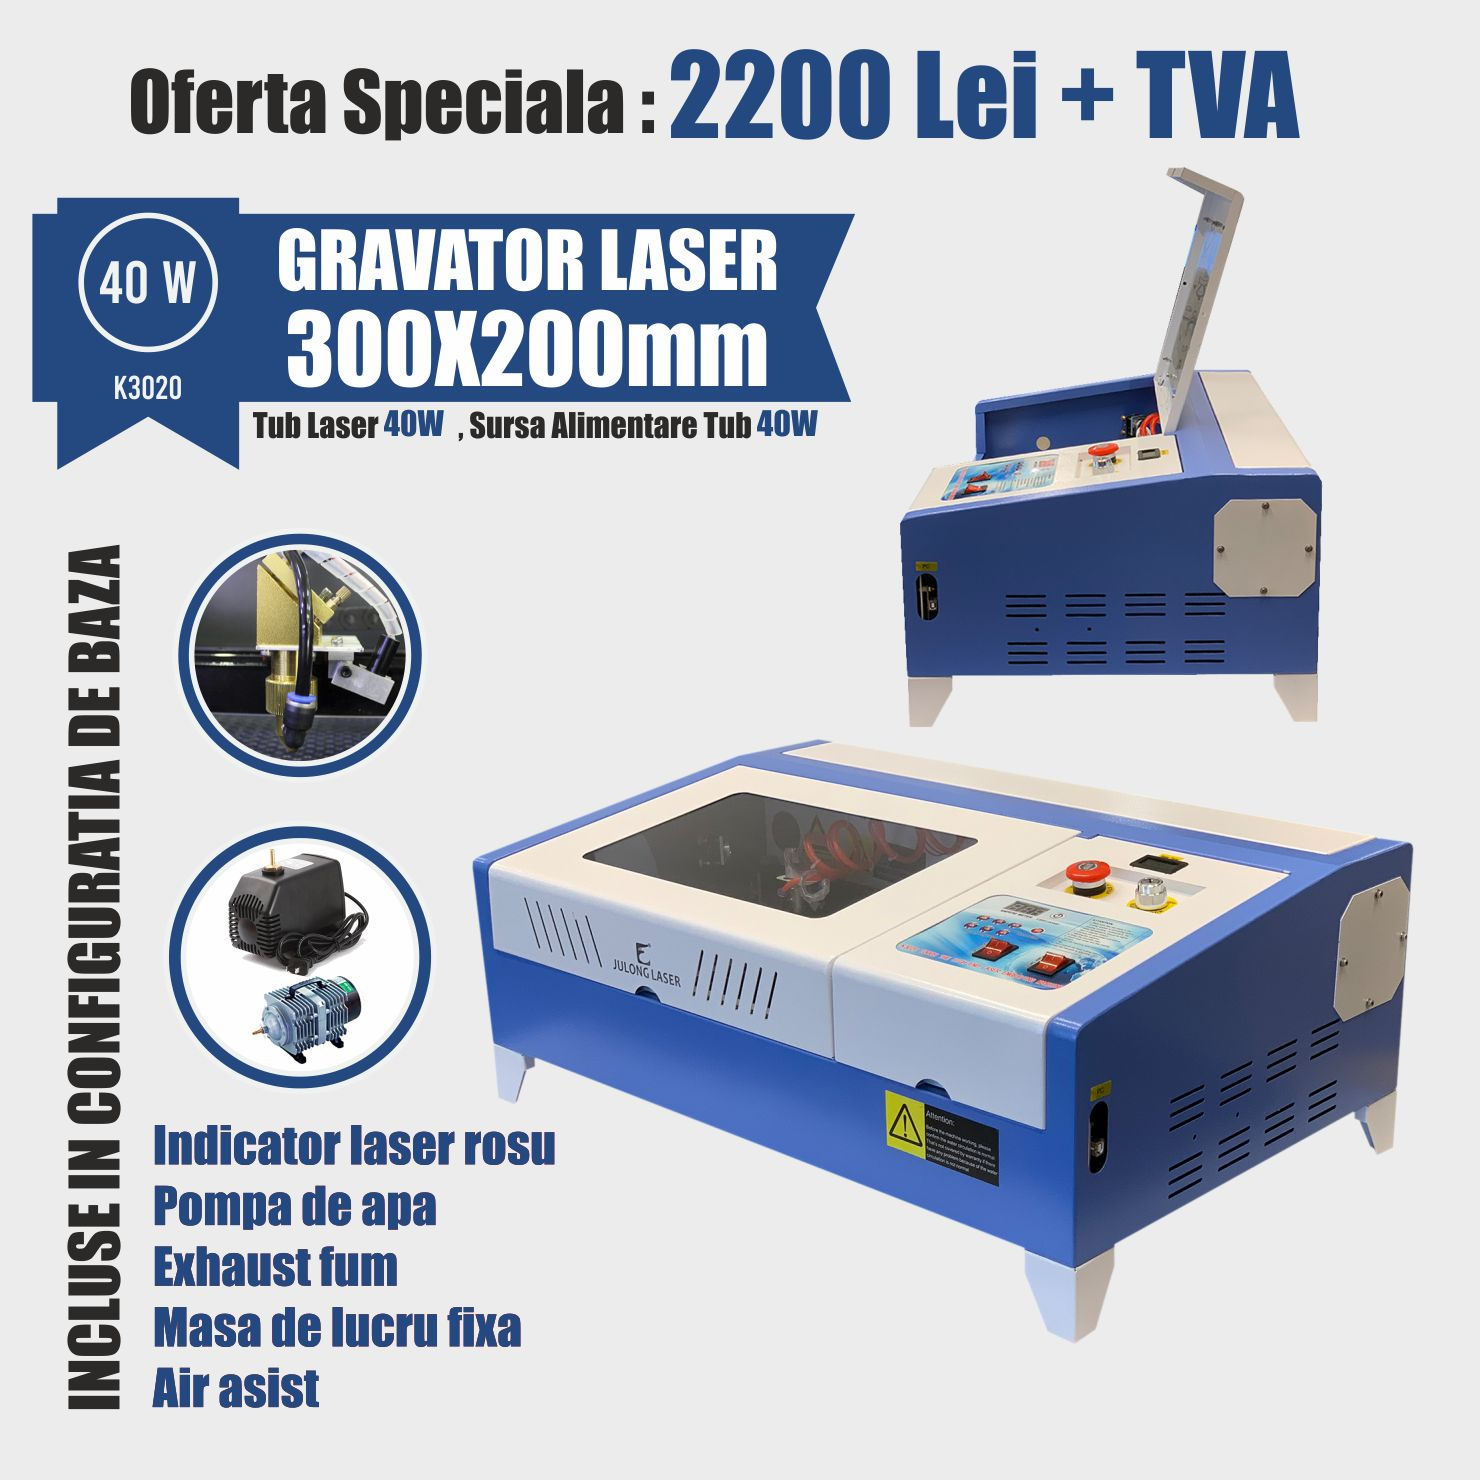 Gravator Laser K6040 60W - Europaper Brasov - Utilaje Finisare Print